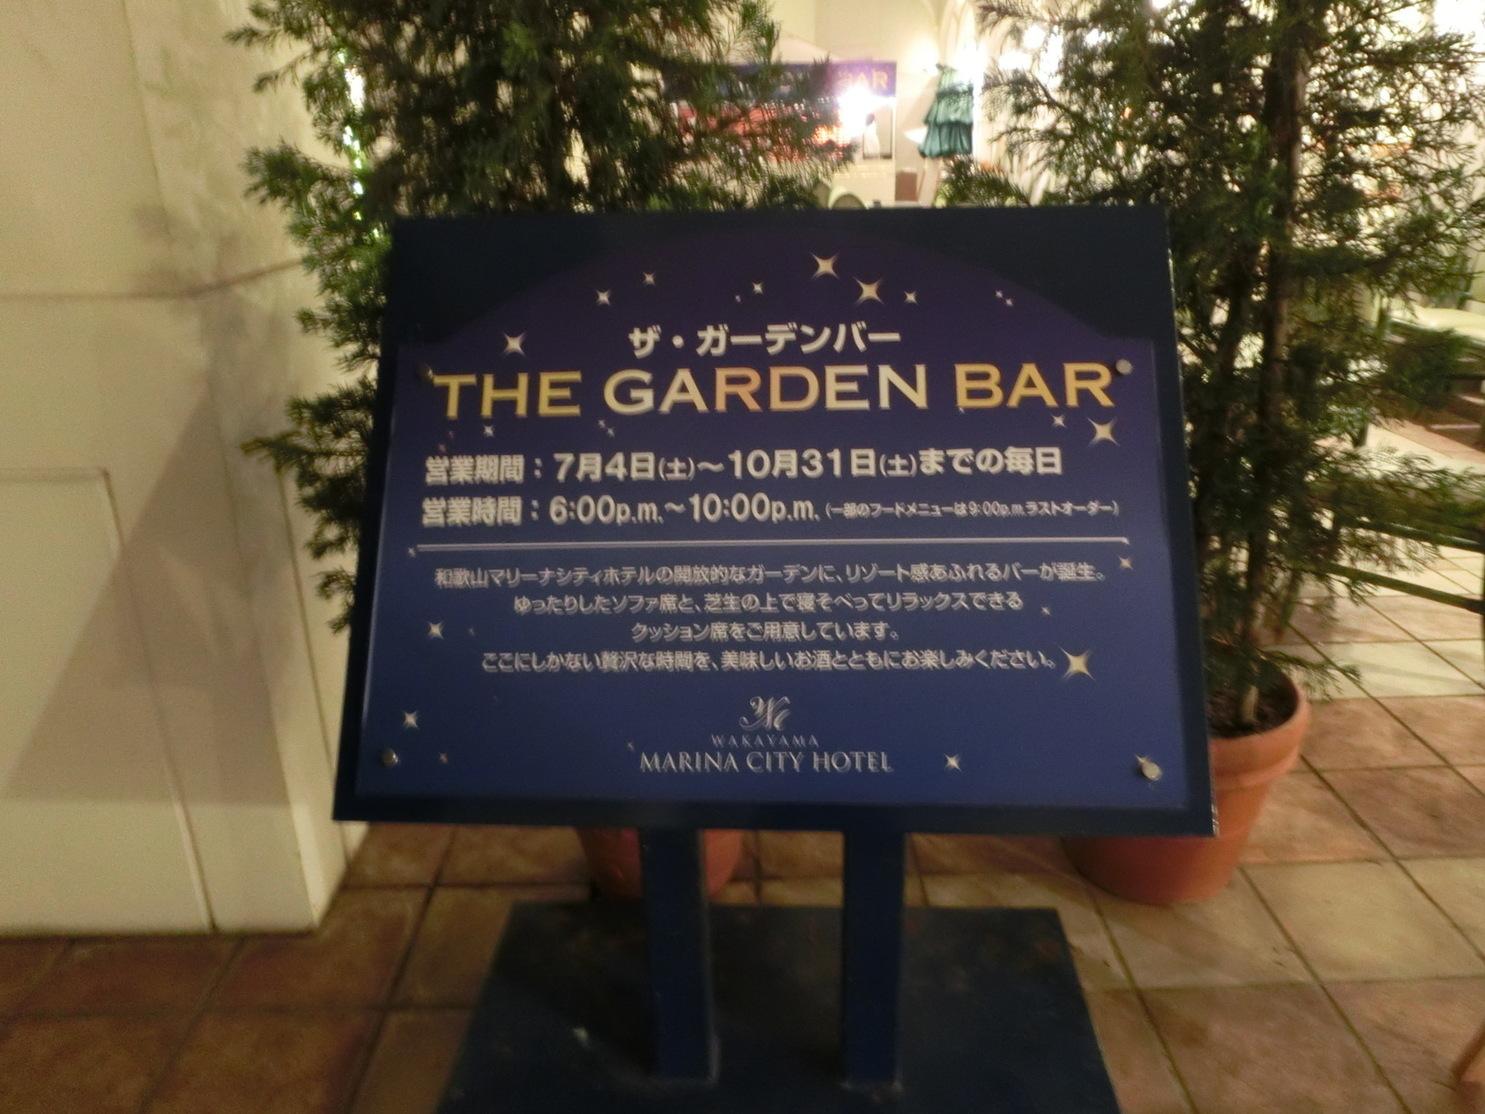 ザ ガーデン バー